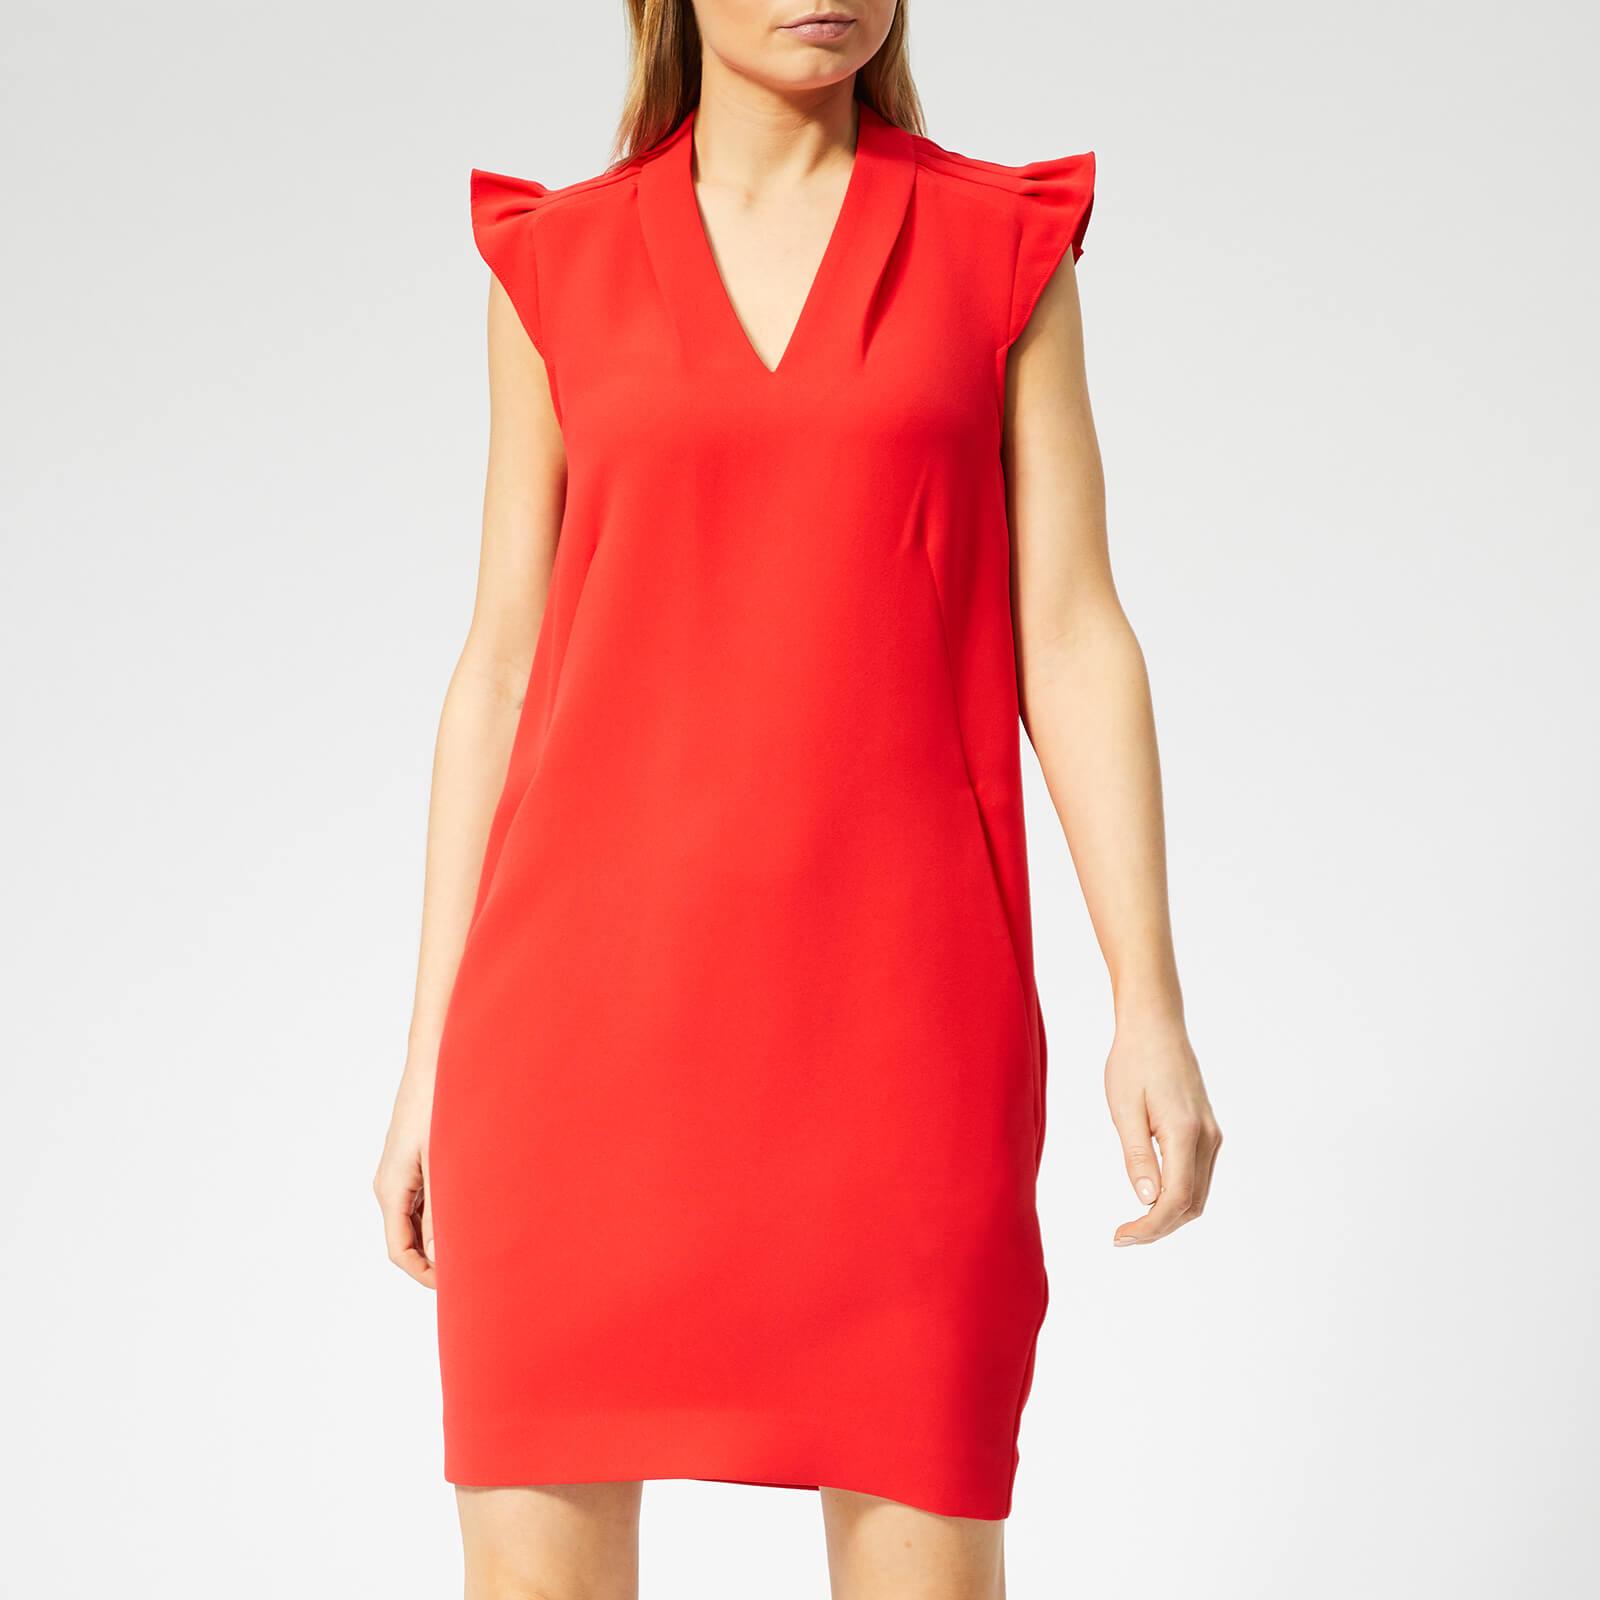 Whistles Women's Safia Crepe Dress - Red - UK 12 - Red